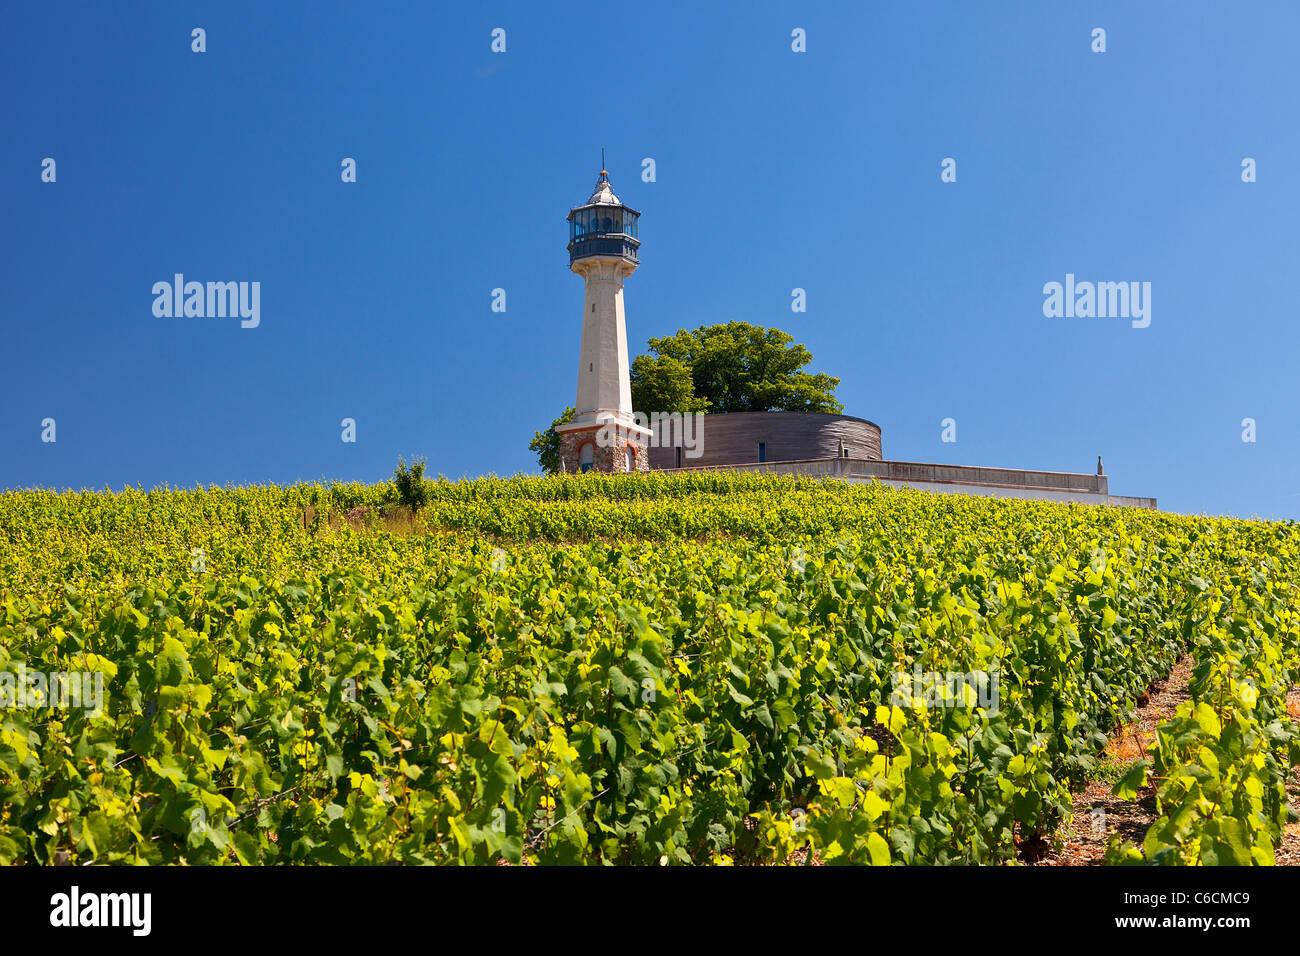 Francia, Marne, parco regionale delle Montagne de Reims, faro di Verzenay Immagini Stock